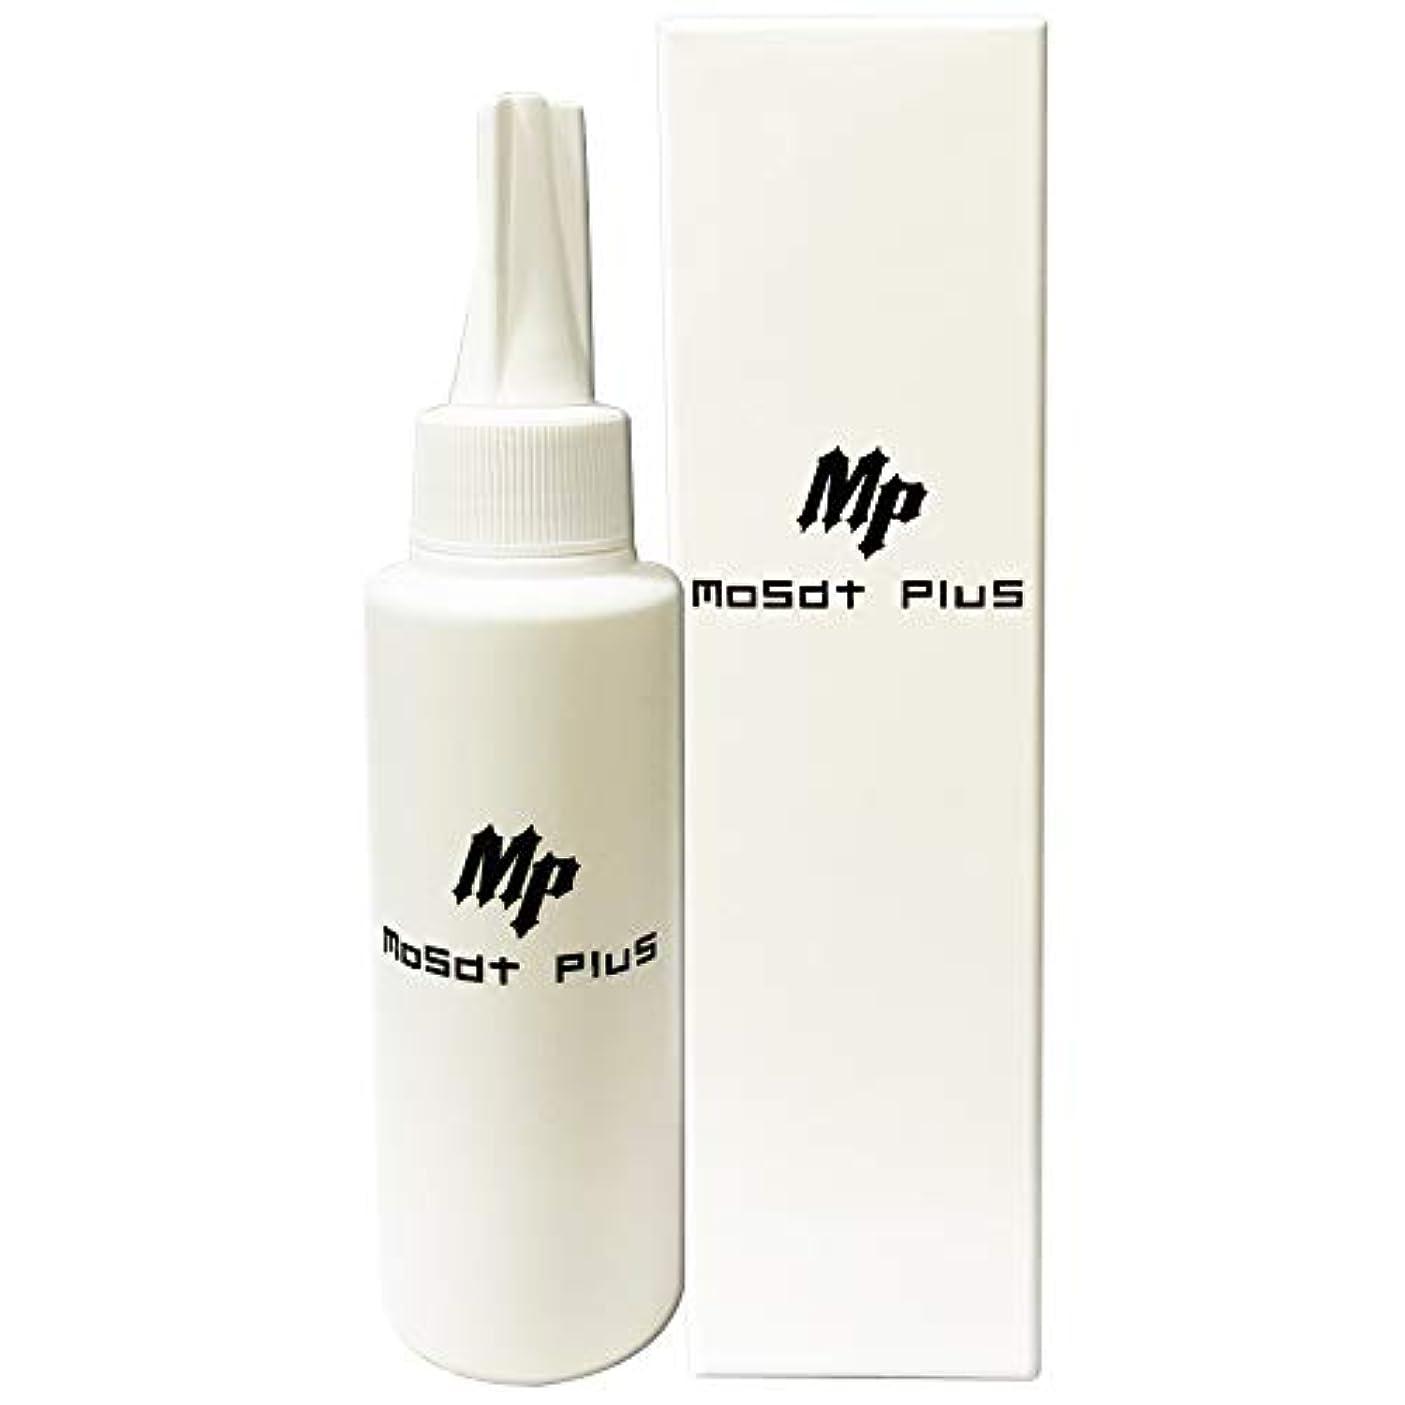 面それぞれ保証する【医薬部外品】Mosat Plus モサットプラス 育毛剤 ジェルタイプ 薬用 100mL